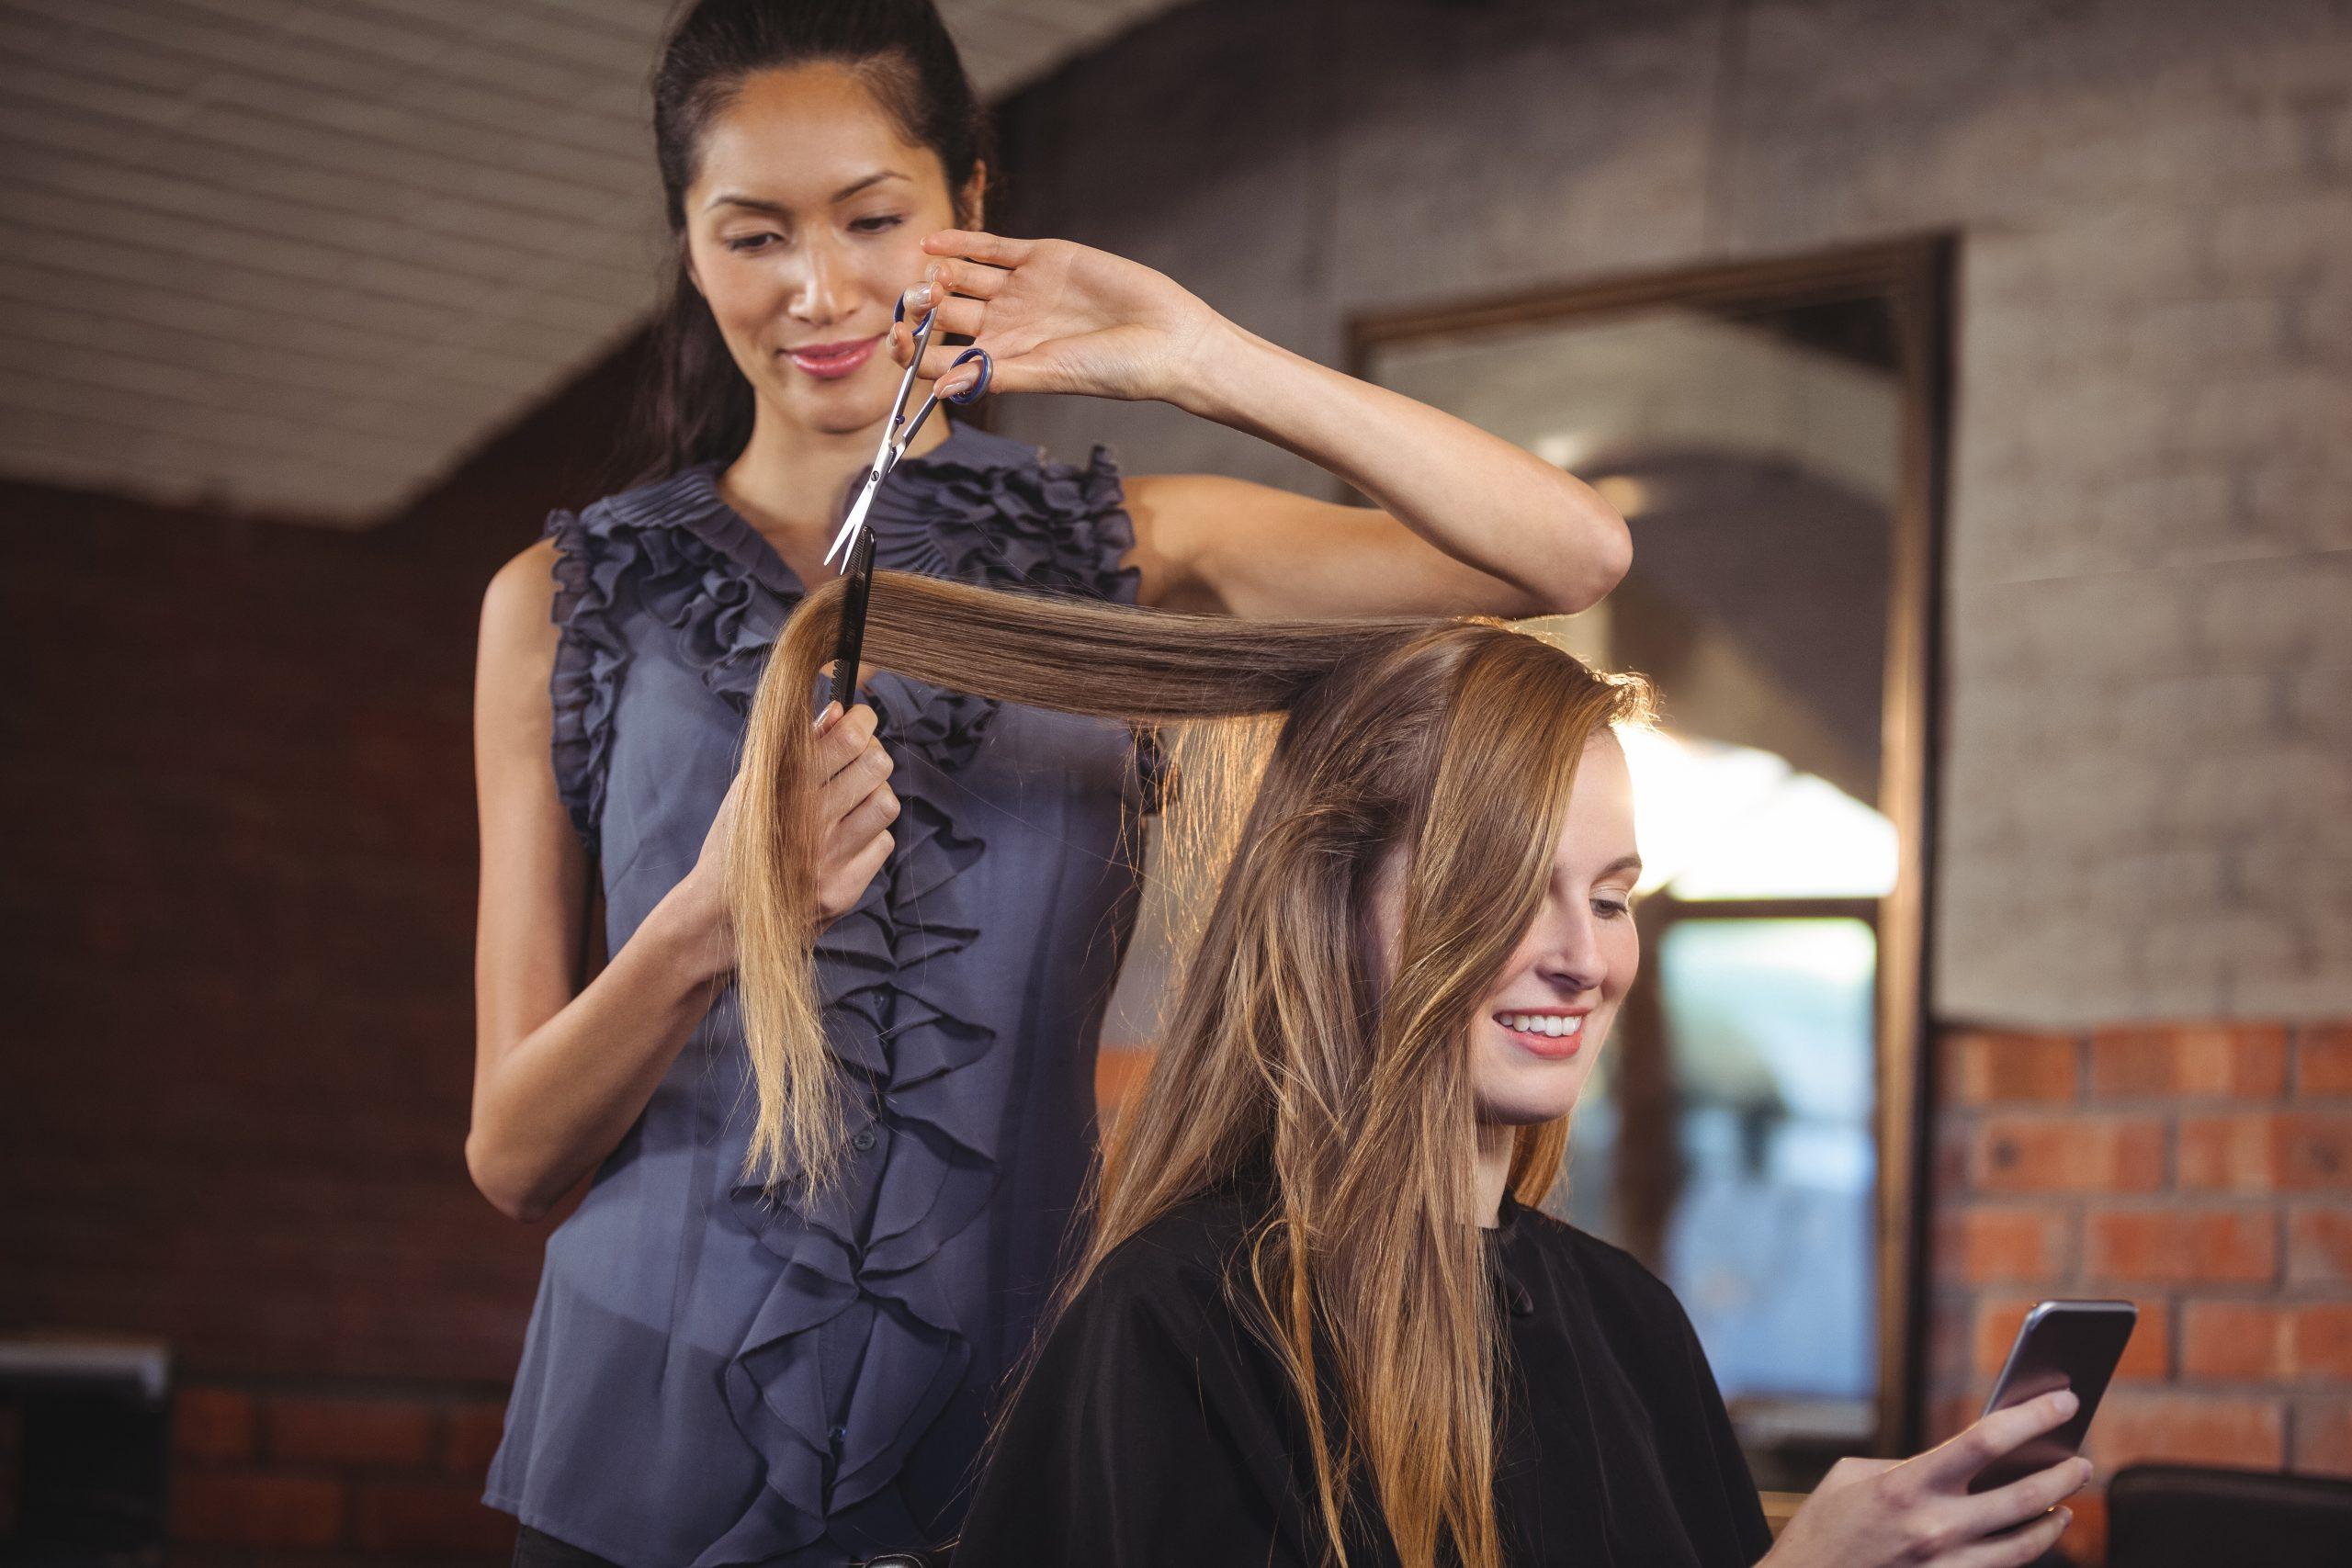 Eine Friseurin bedient eine langhaarige Kundin